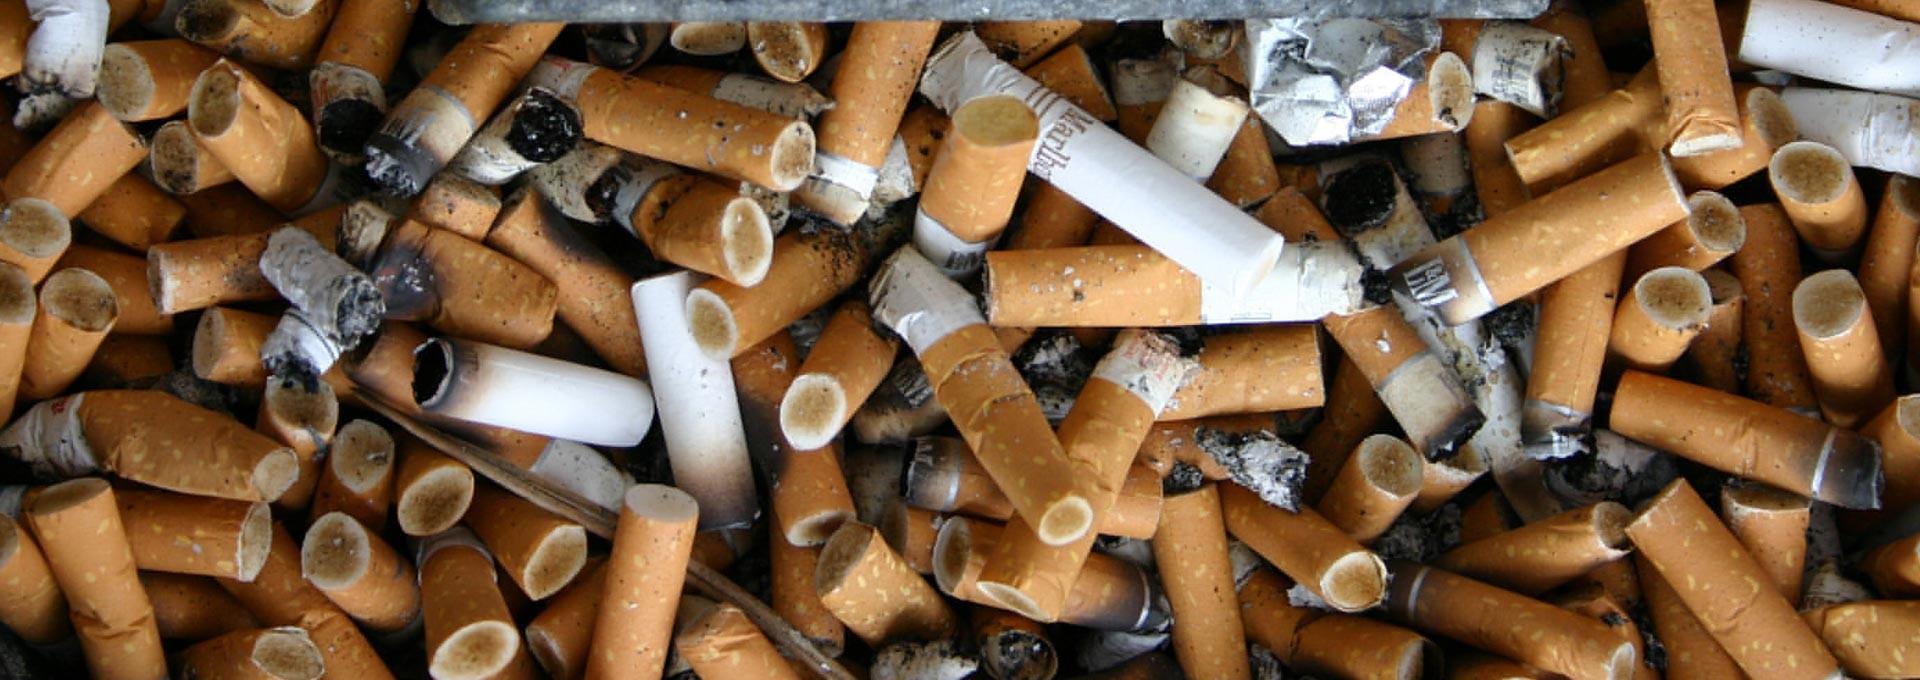 Pušenje koljena